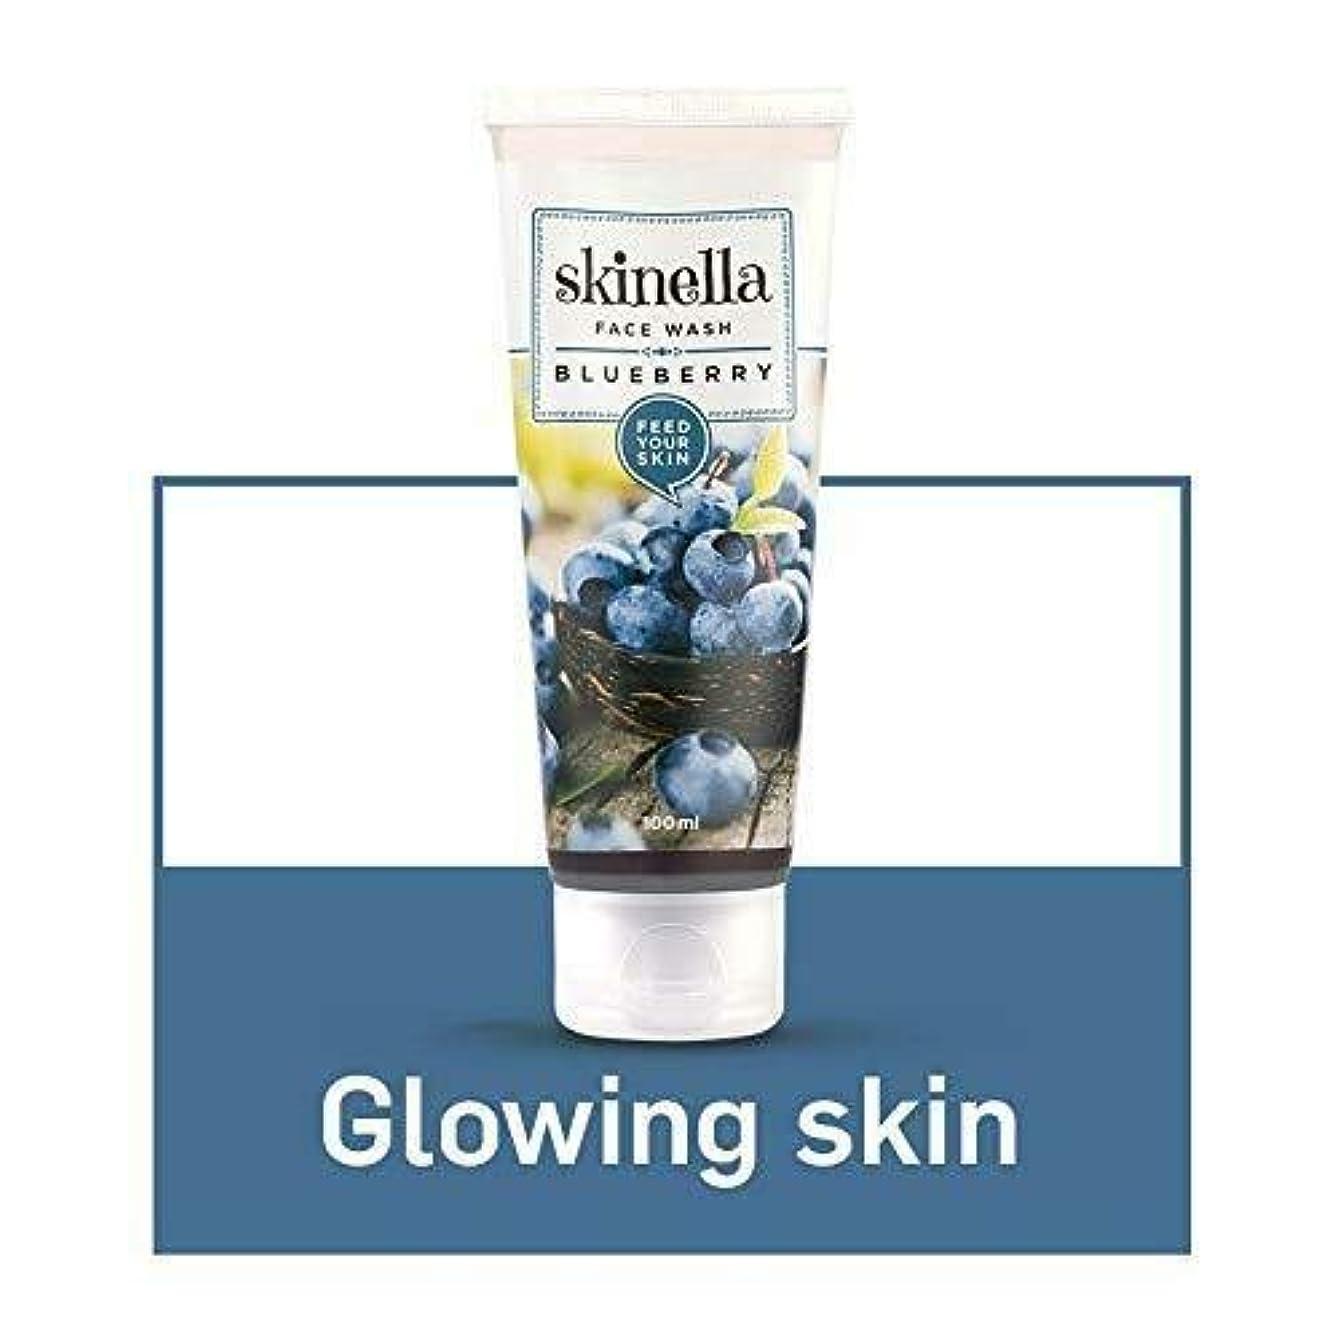 薄暗いフリース昼間Skinella Blueberry Face Wash 100ml blueberry extracts & olive oil Cleanses Skin Skinellaブルーベリーフェイスウォッシュ ブルーベリーエキス&オリーブオイル